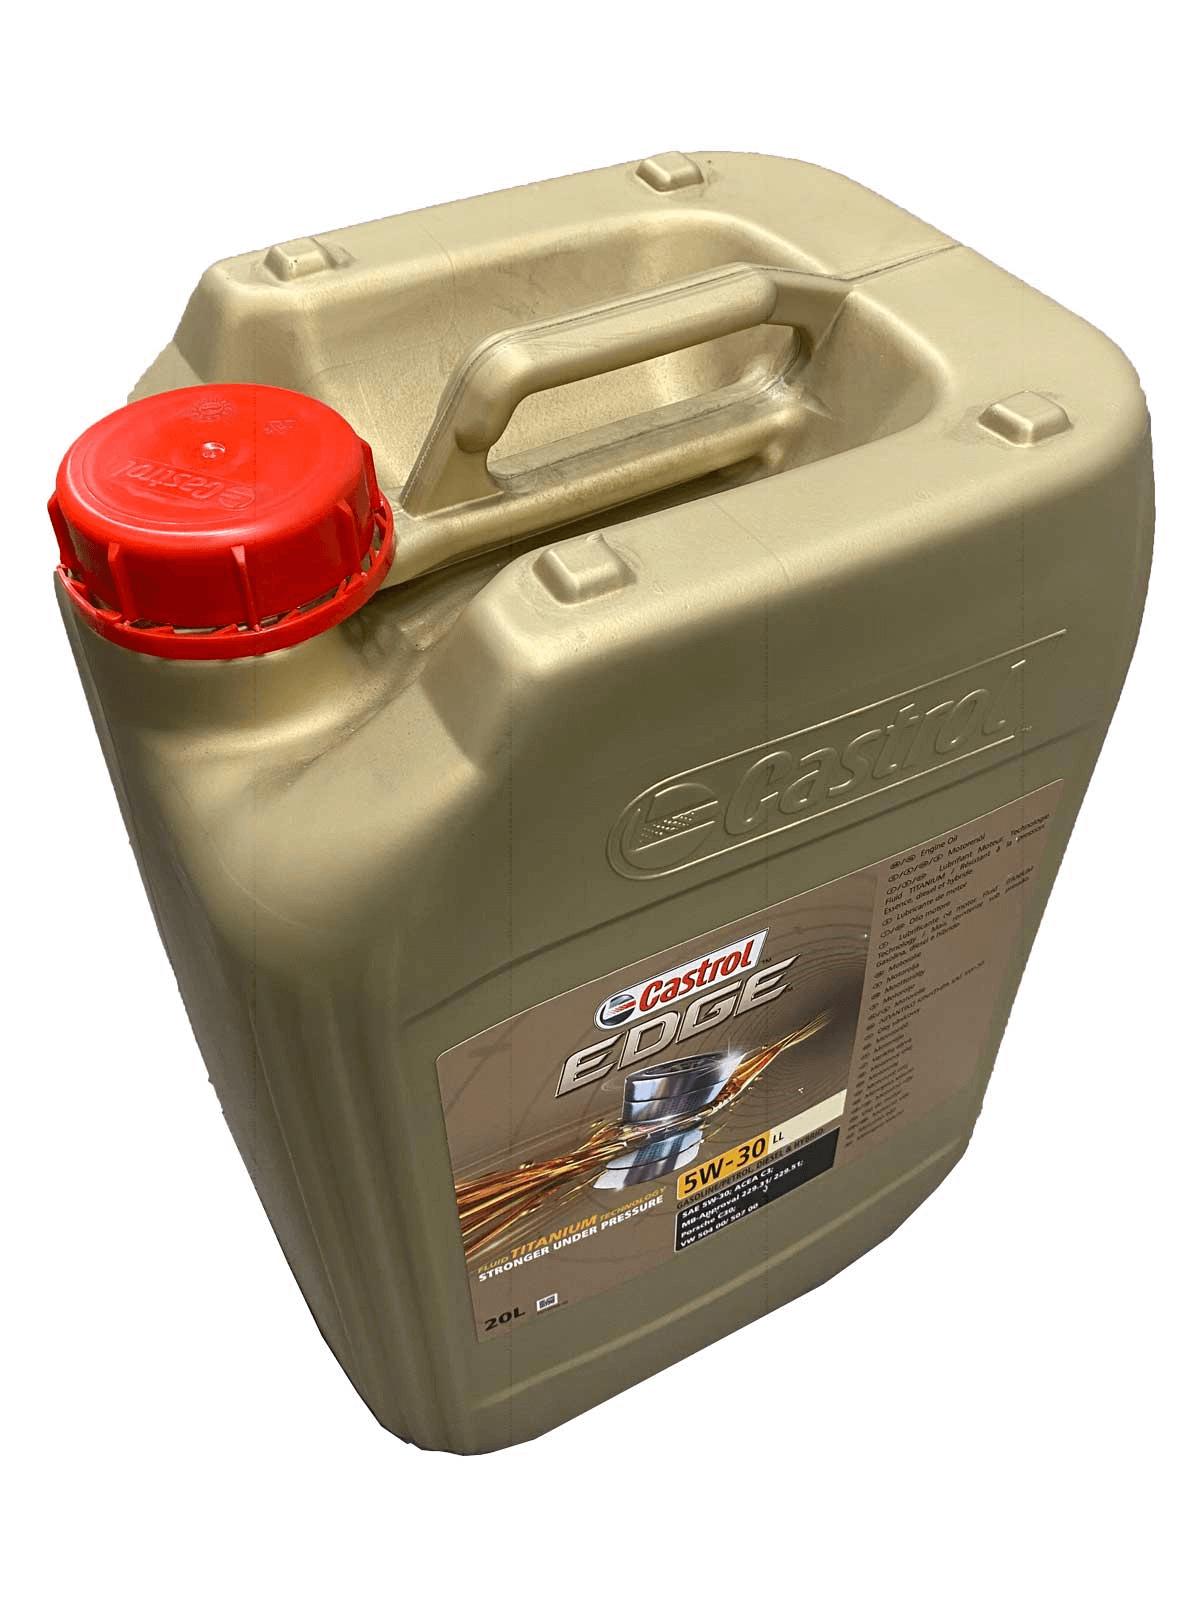 Castrol EDGE Titanium FST 5W-30 LL Motoröl 20l